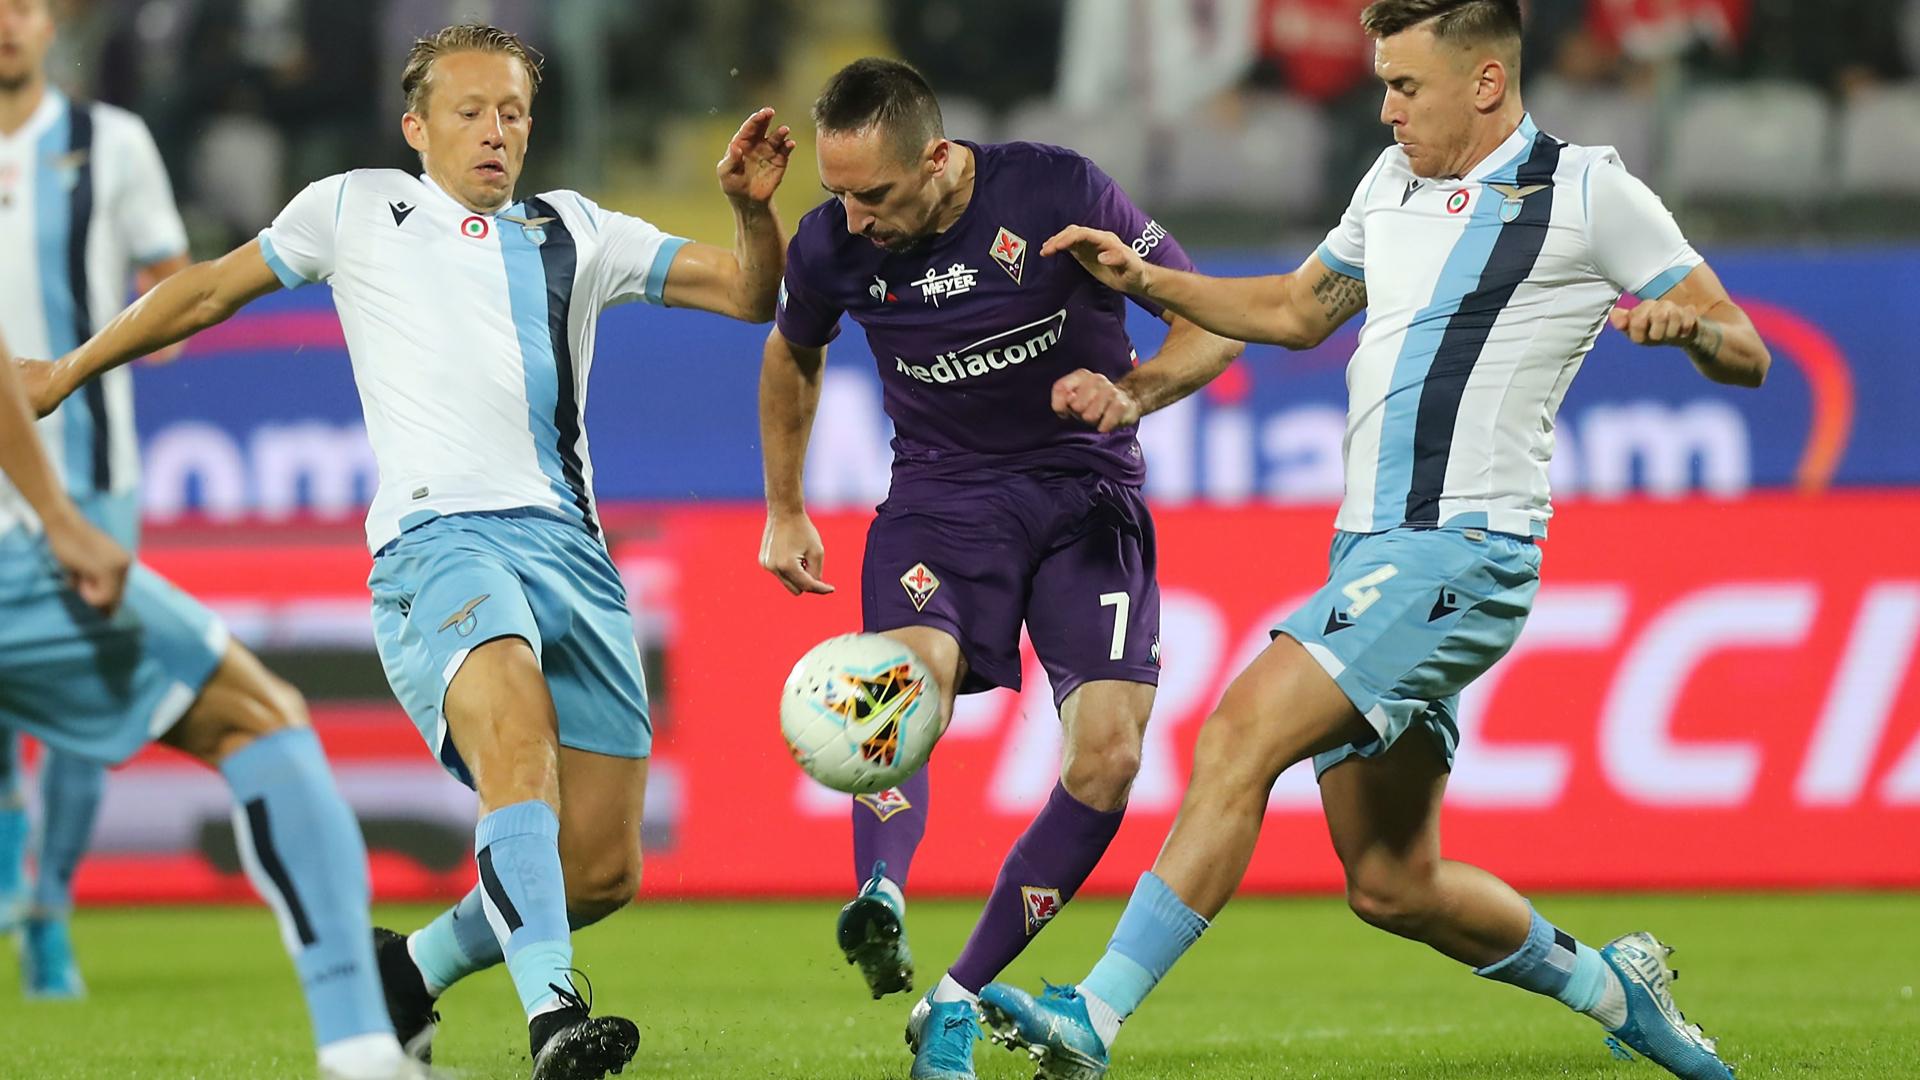 Clamoroso Ribery, spintona guardalinee a fine partita! Rischia la squalifica